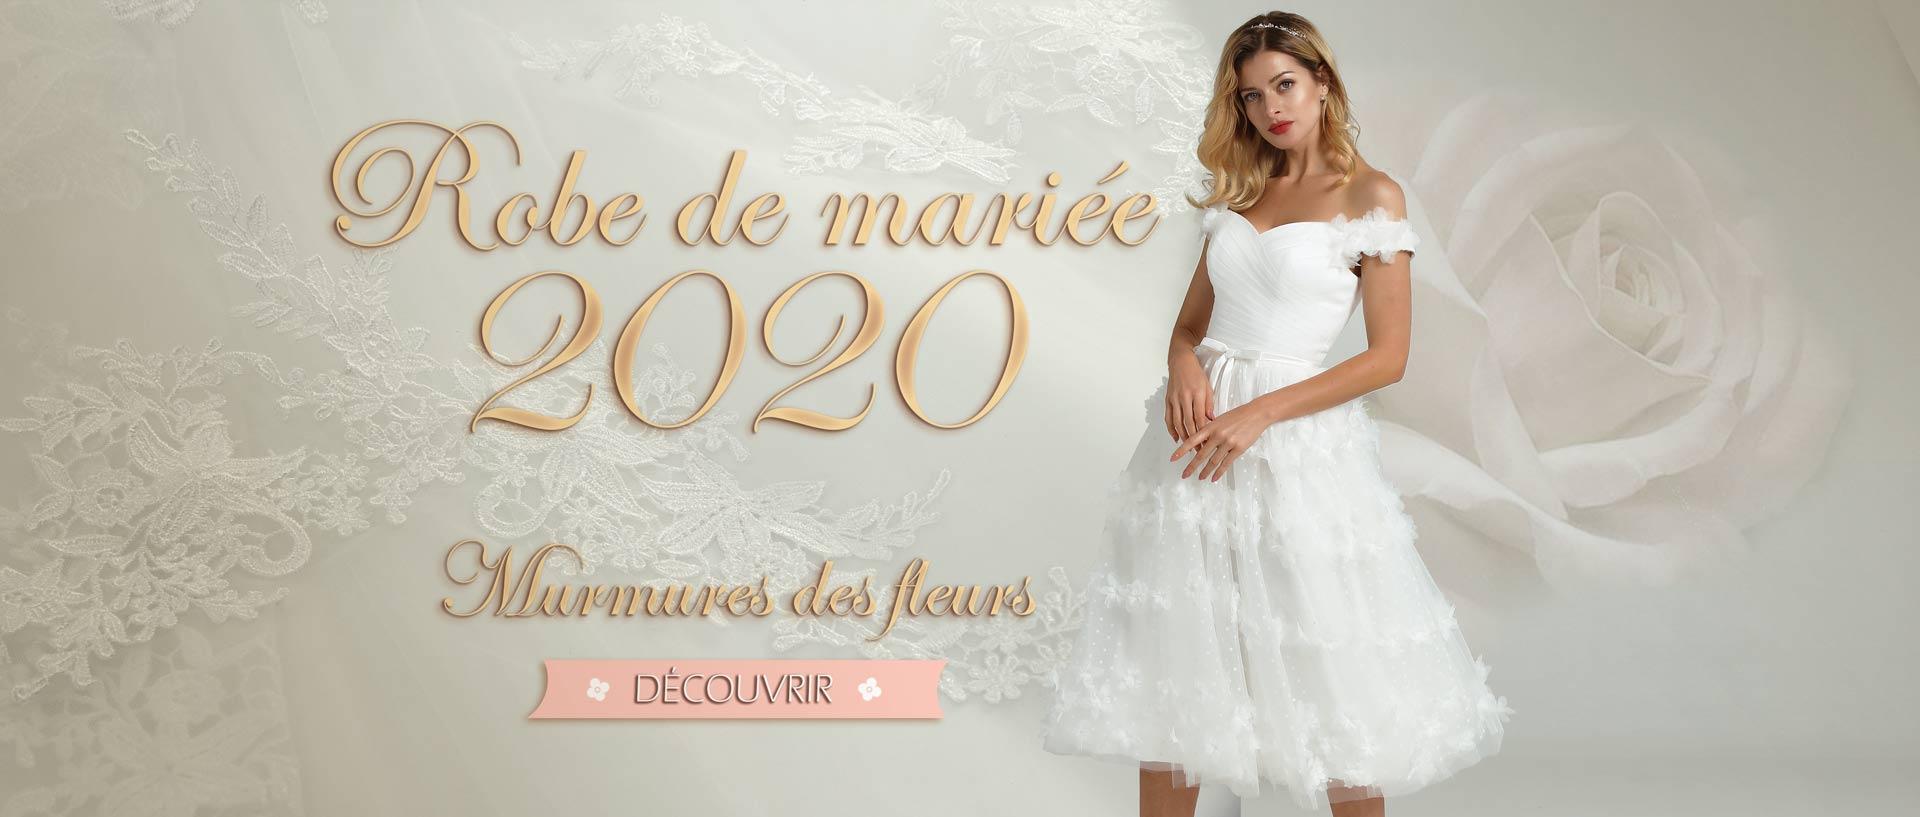 Robe de mariée 2020 Persun